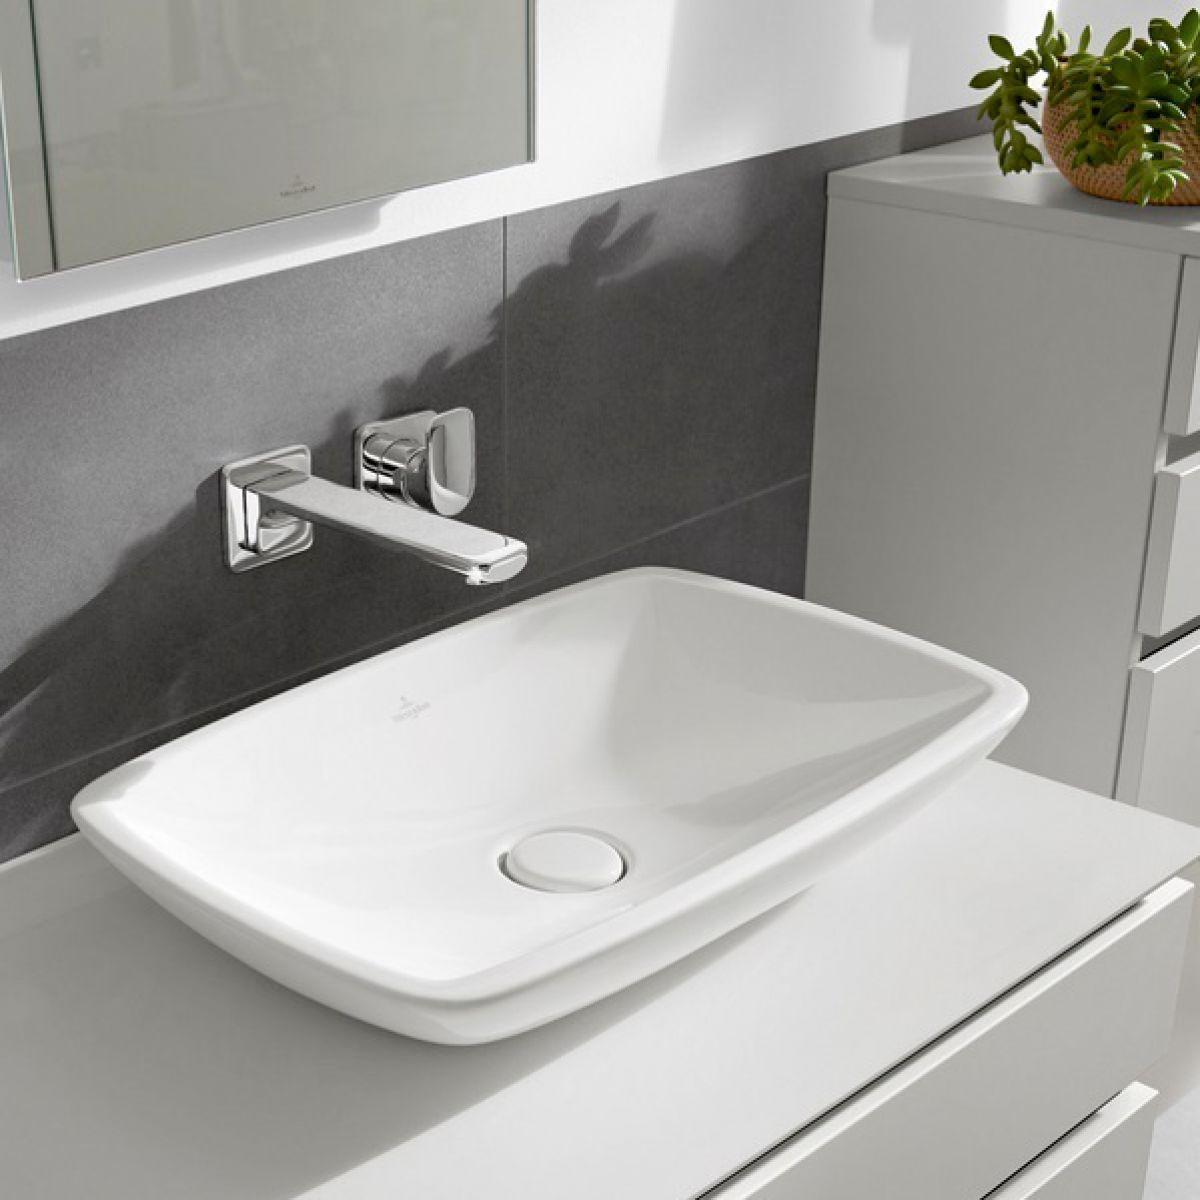 v b loop friends rectangle surface mounted basin uk. Black Bedroom Furniture Sets. Home Design Ideas